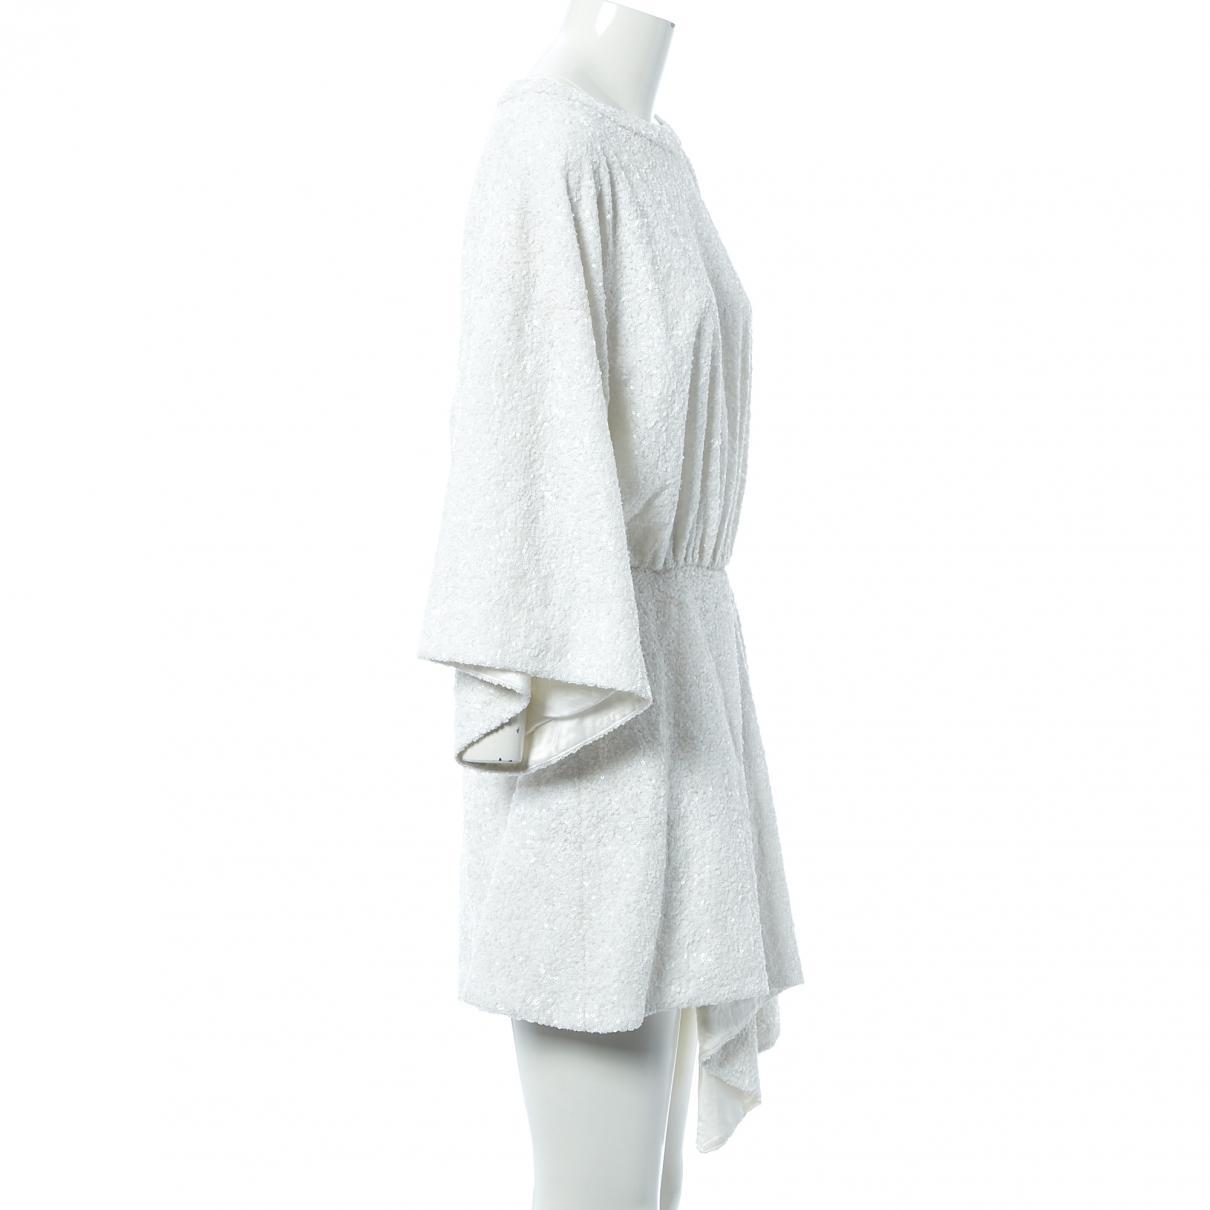 Zadig & Voltaire Synthetik Midi kleid in Weiß - Sparen Sie 27%